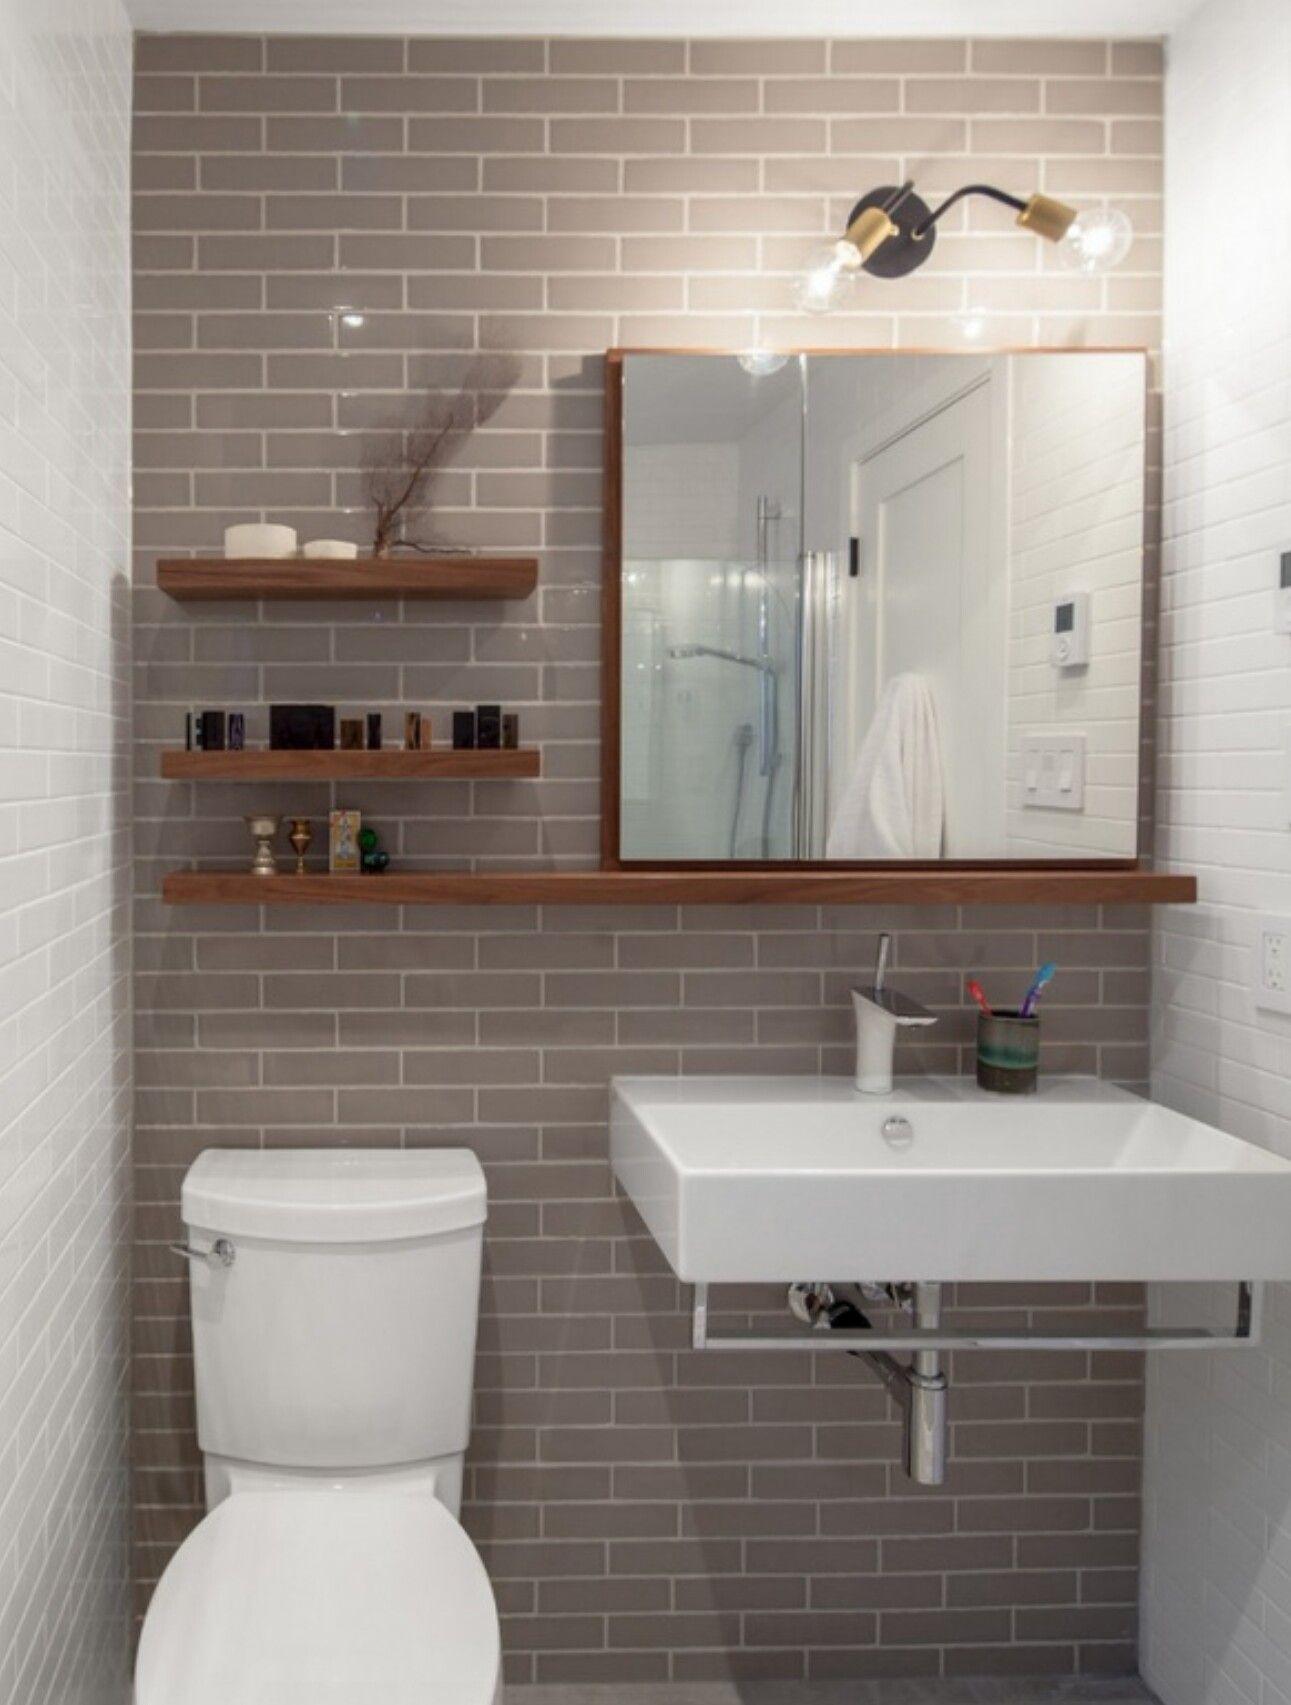 Bathroom Mirror And Shelf Beautiful Small Bathrooms Bathroom